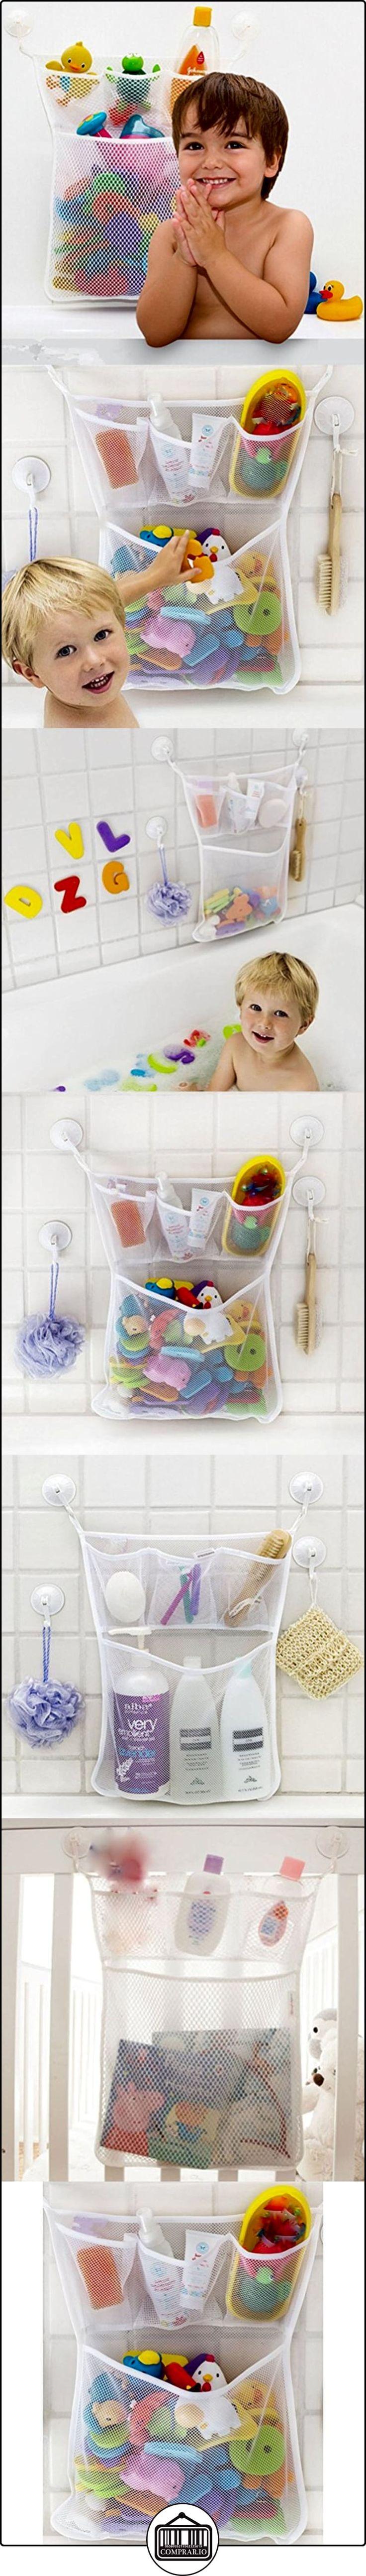 más de 25 ideas increíbles sobre almacenamiento de juguetes de ... - Organizador De Juguetes Para Bano